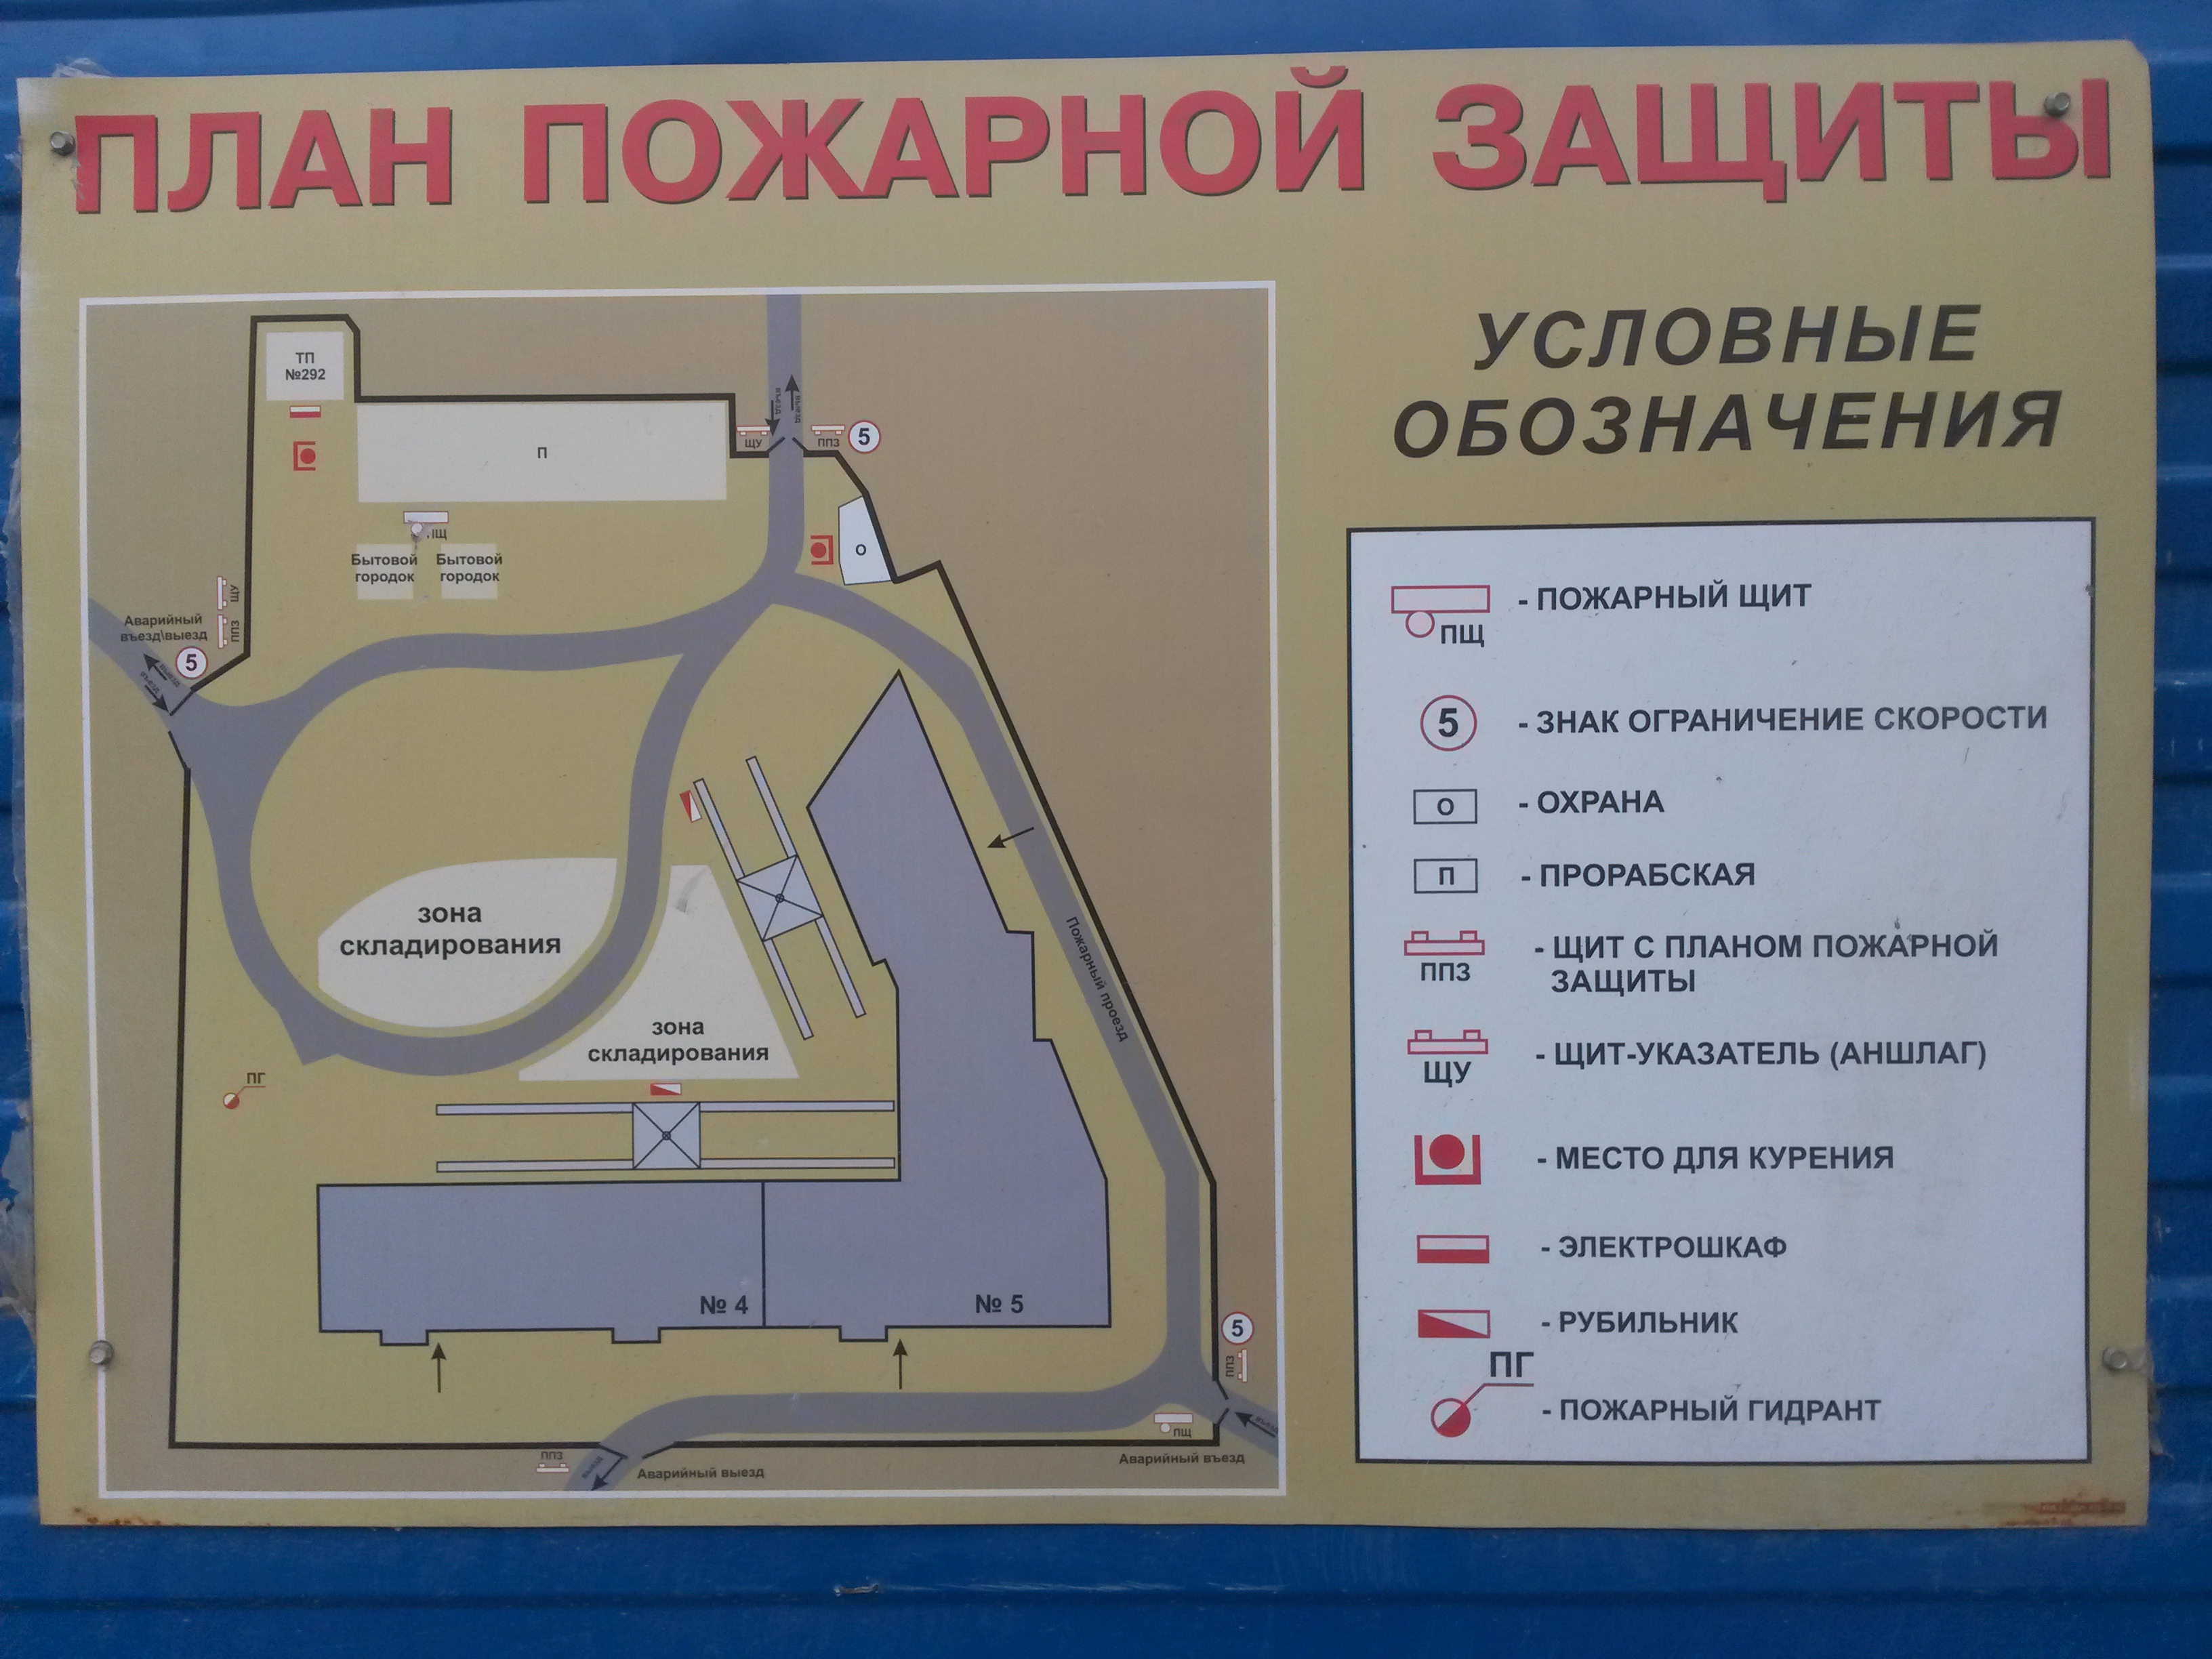 Дороги для автомобилей МЧС в общем плане противопожарной безопасности предприятия